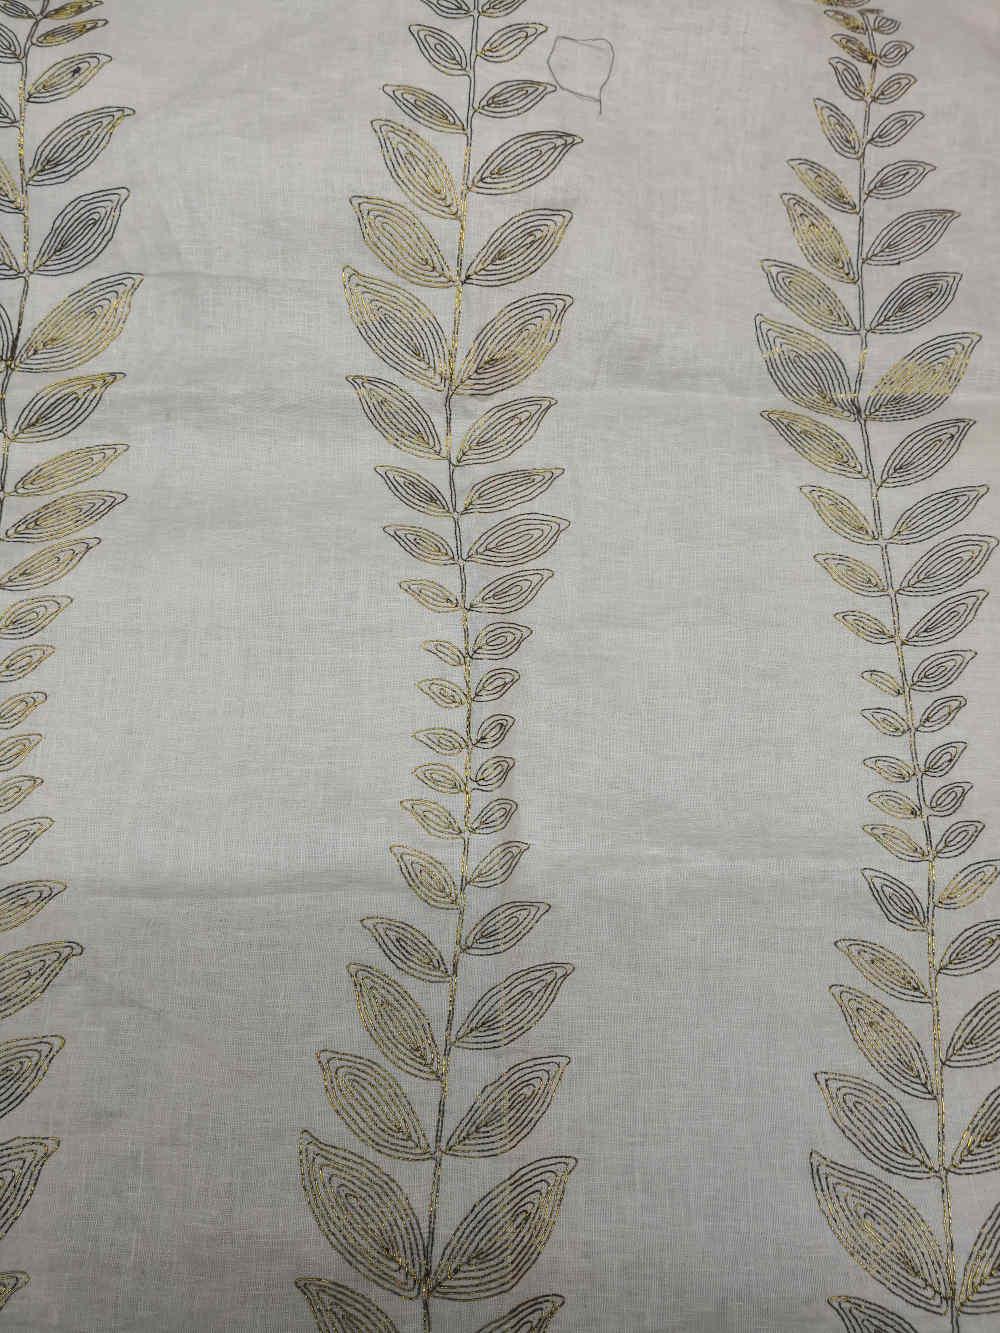 168 Lin Embreville Linen embroidert € 44.00